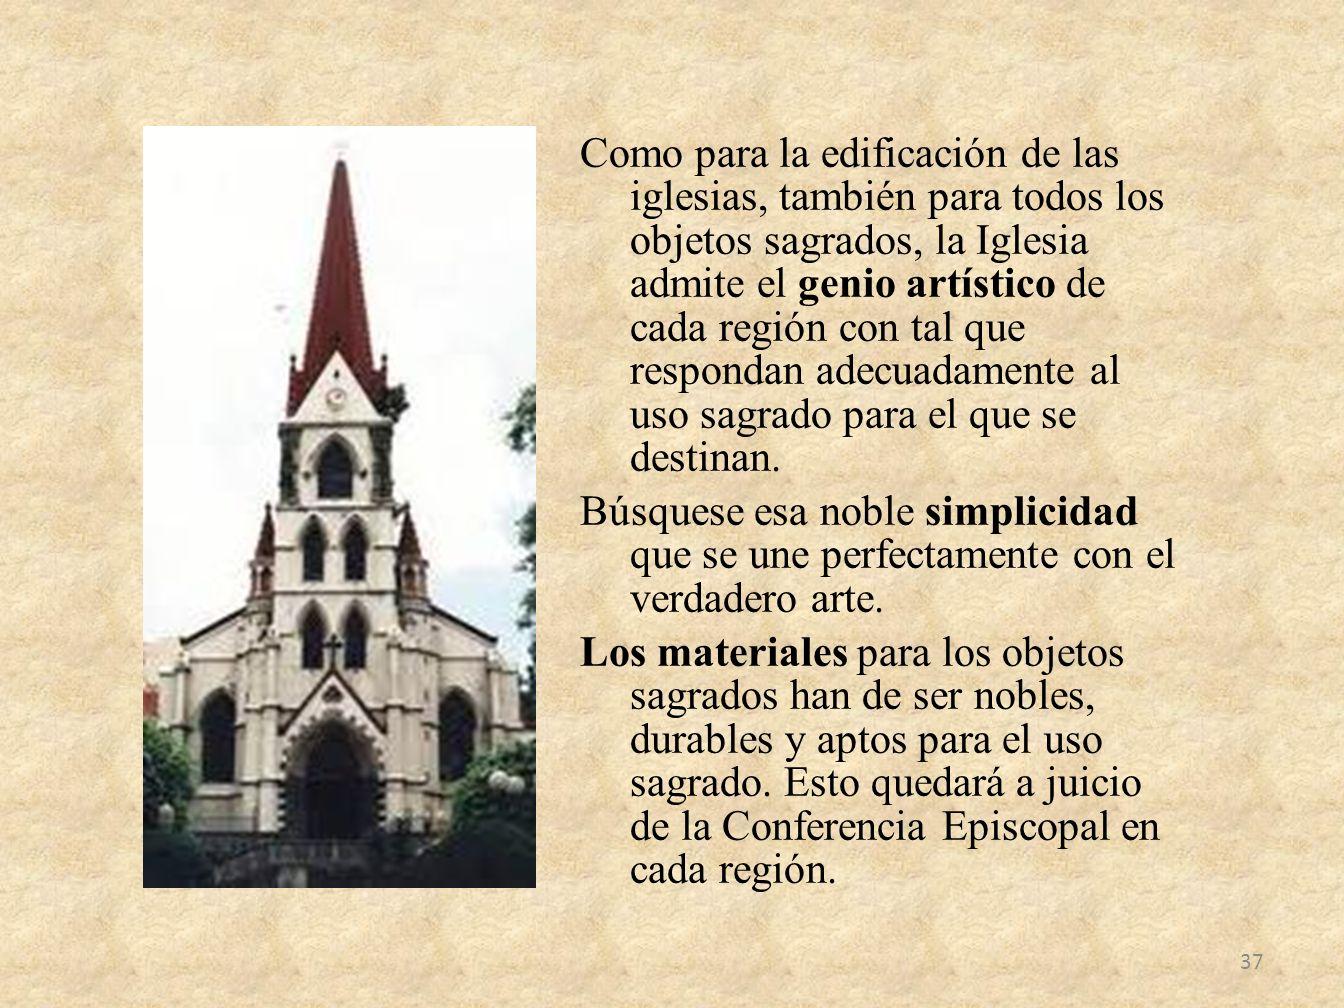 Como para la edificación de las iglesias, también para todos los objetos sagrados, la Iglesia admite el genio artístico de cada región con tal que respondan adecuadamente al uso sagrado para el que se destinan.